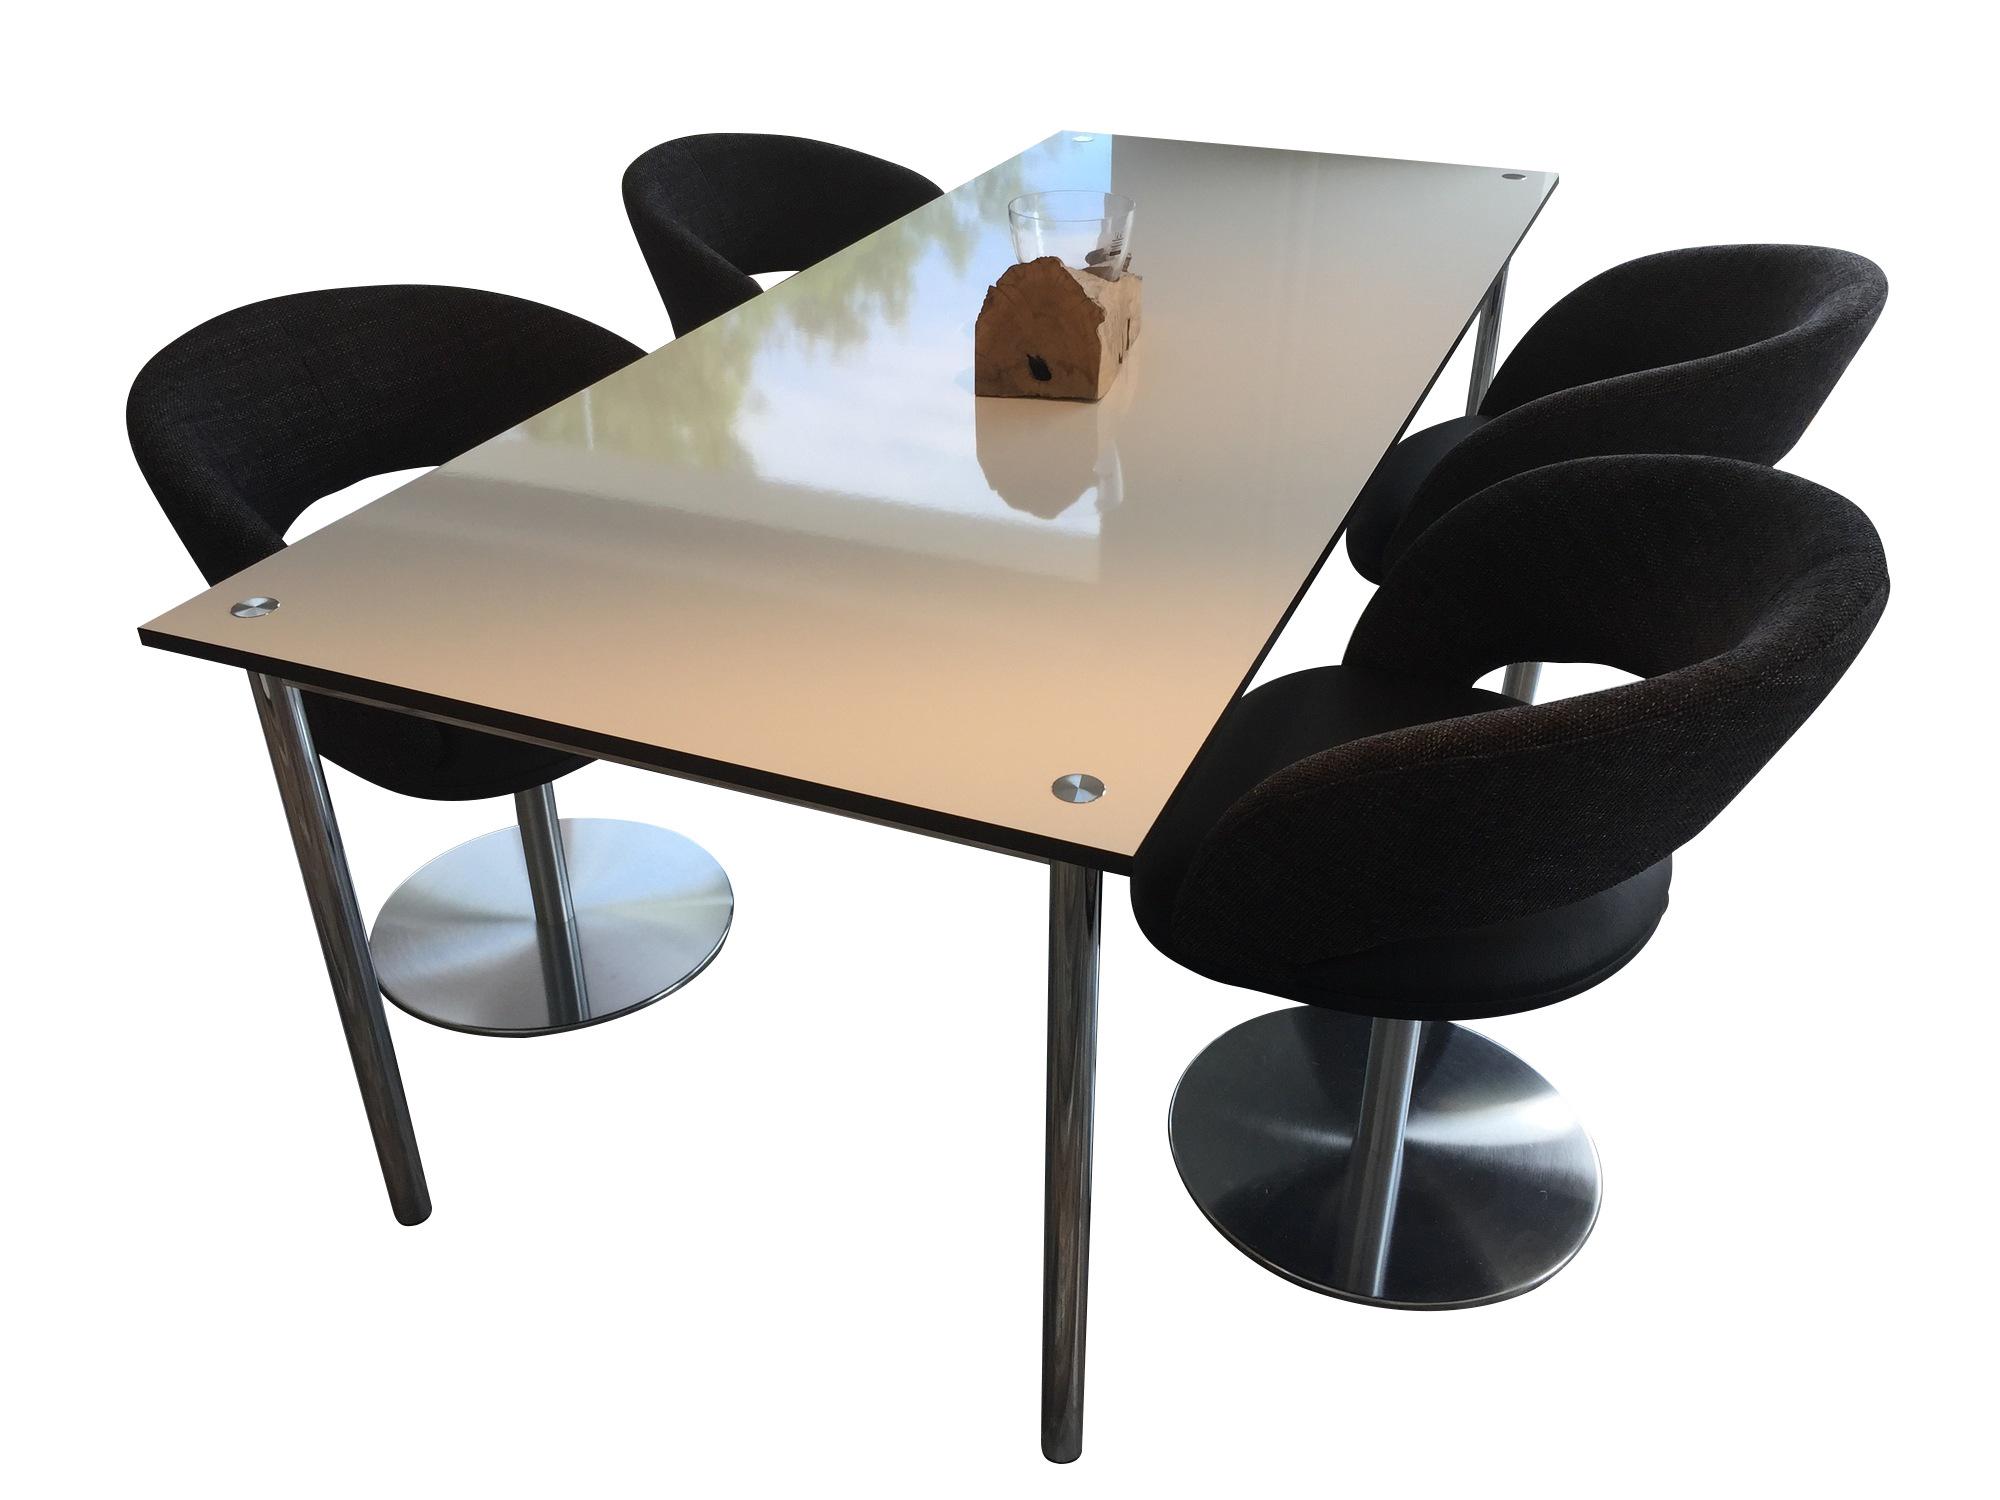 1502282571-essen-esstisch-office-inkl-4-stuehle.jpg